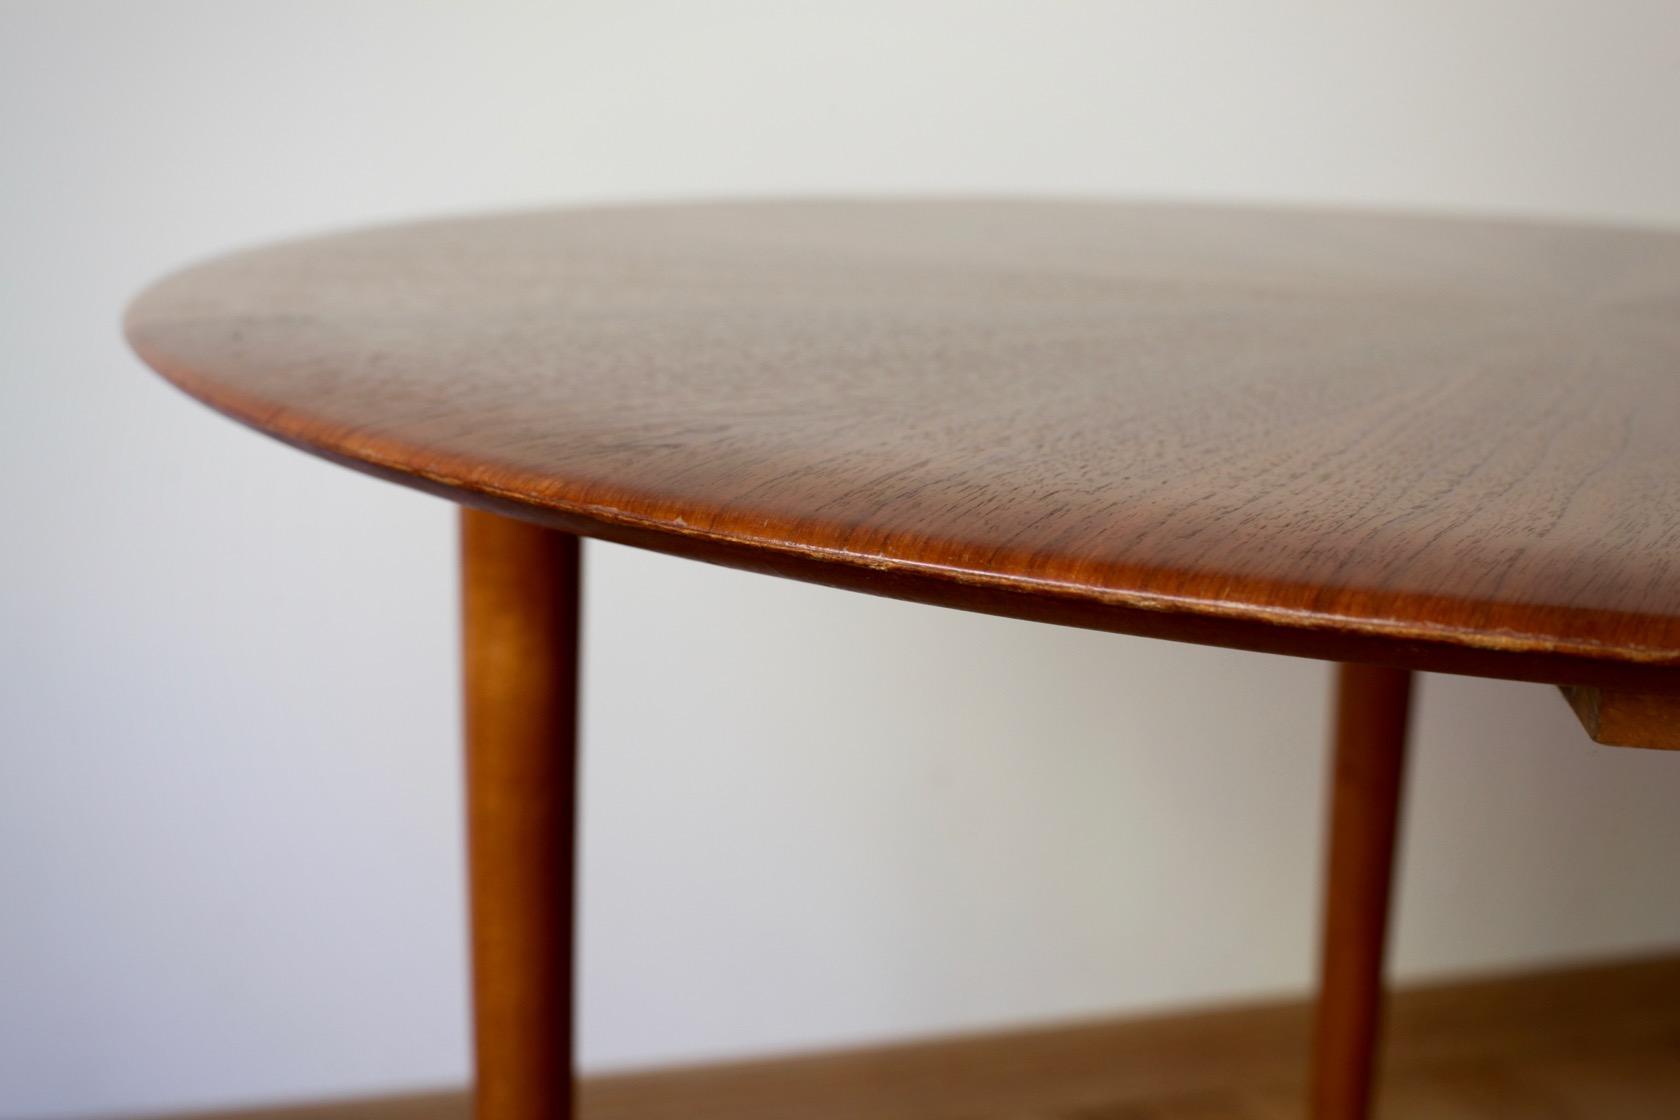 runder beistelltisch aus den 50er jahren raumwunder vintage wohnen in n rnberg. Black Bedroom Furniture Sets. Home Design Ideas